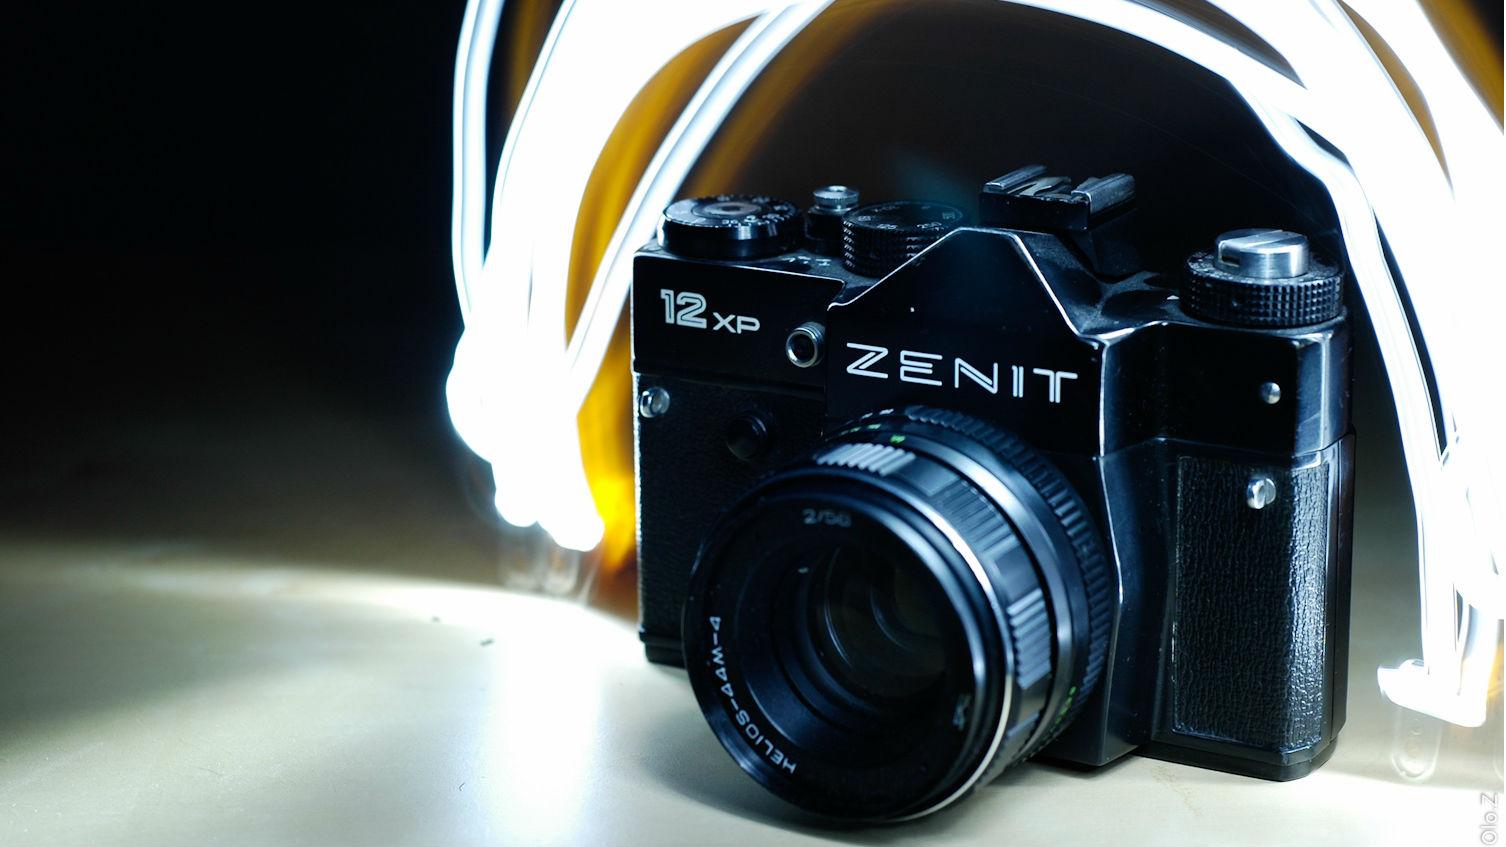 Dziś taki aparat można kupić za 50 zł. Czyli zdjęcia robione przez naszych rodziców są złe.